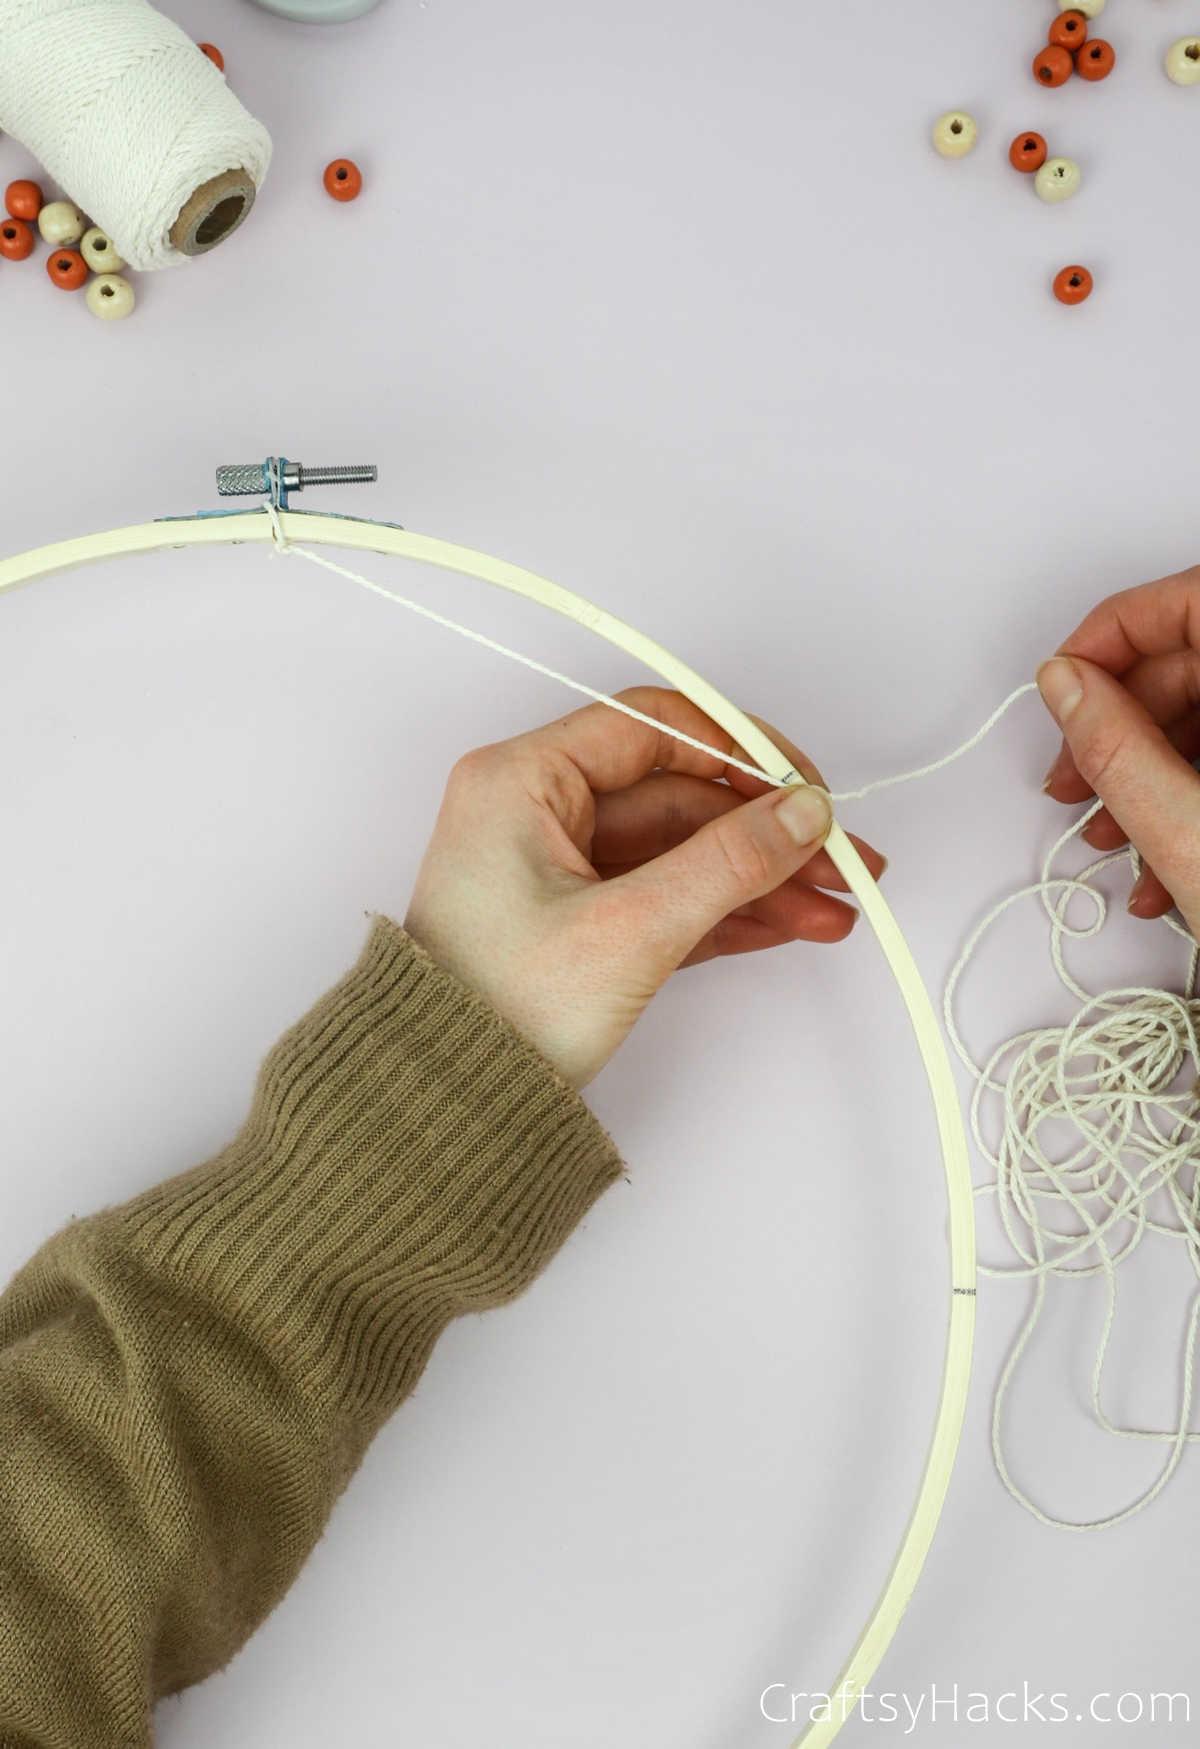 tying string to line on hoop